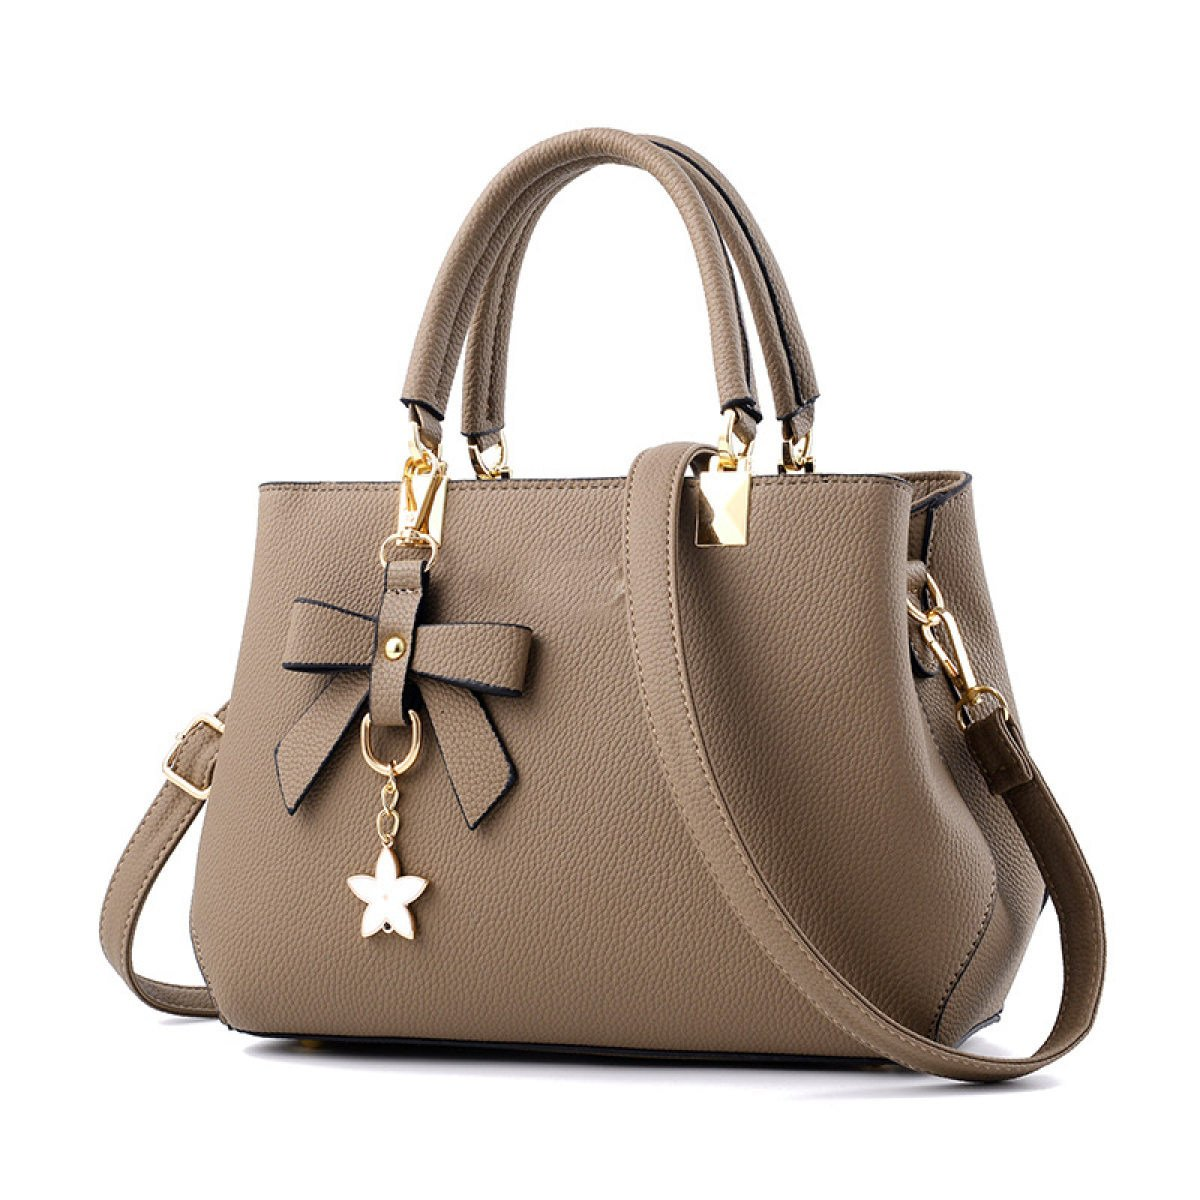 WU ZHI ZHI ZHI Frau Commuter Bag PU Handtasche Schulter Messenger Bag Handtasche Beutel B07B5V1PF1 Henkeltaschen Gutes Design 2cbdc9